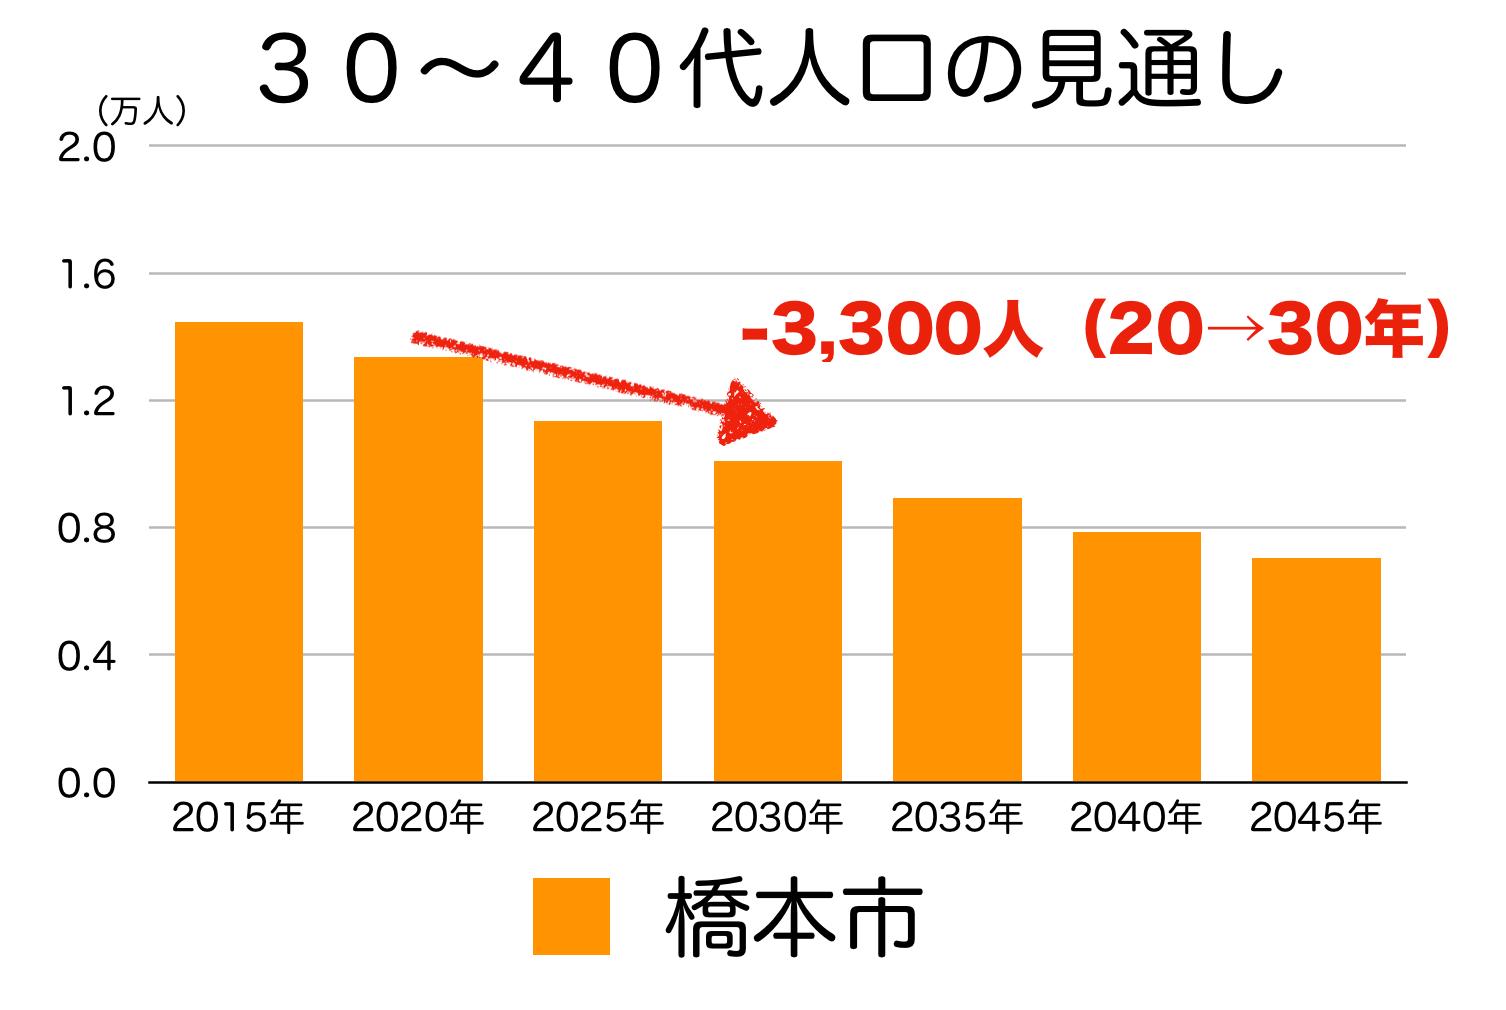 橋本市の30〜40代人口の予測